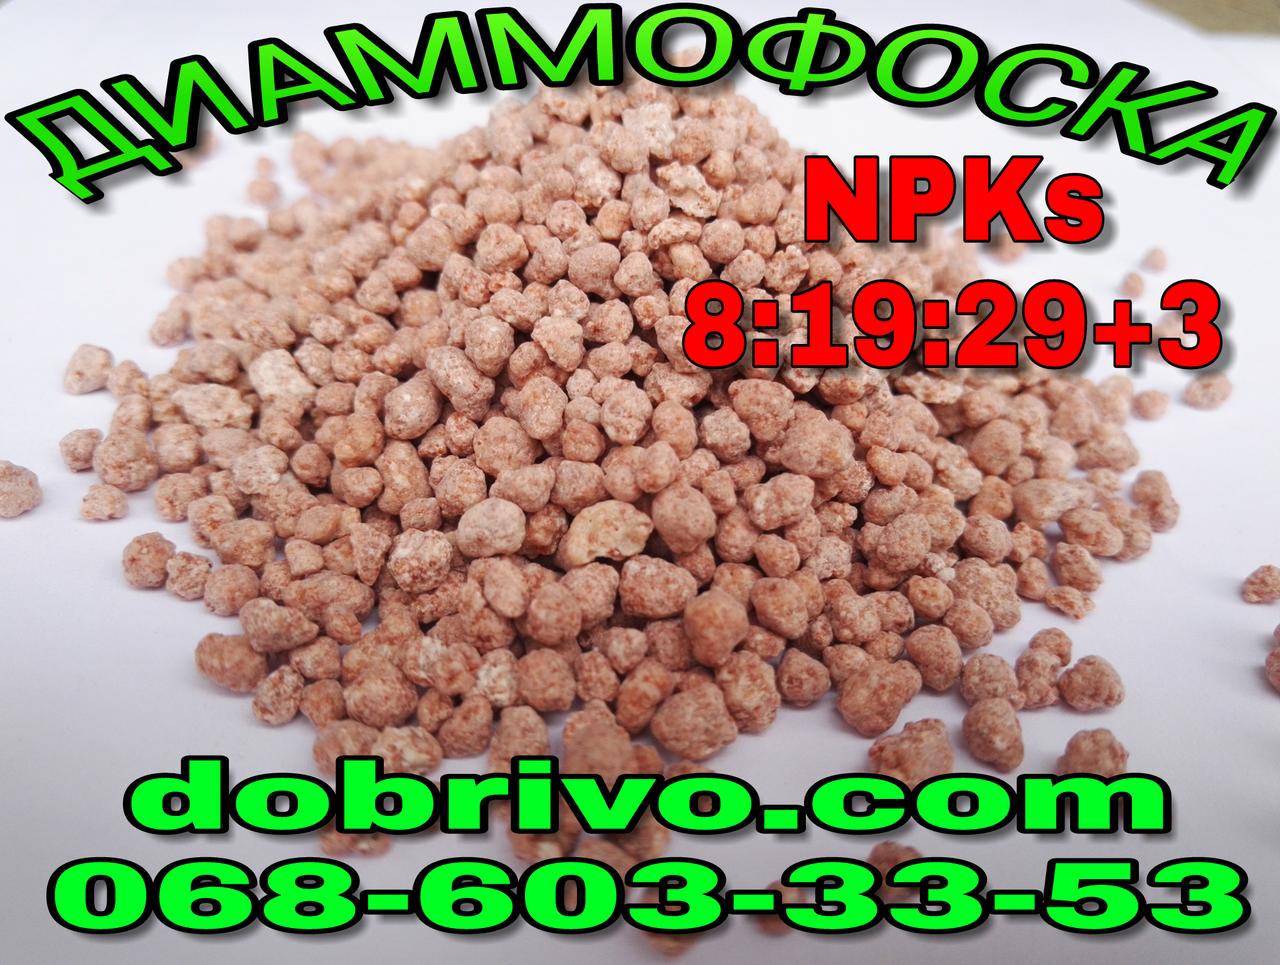 Нитроаммофоска (диаммофоска) NPKs 8-19-29+3 (пр-во Беларусь) Мешок, Биг/бэг